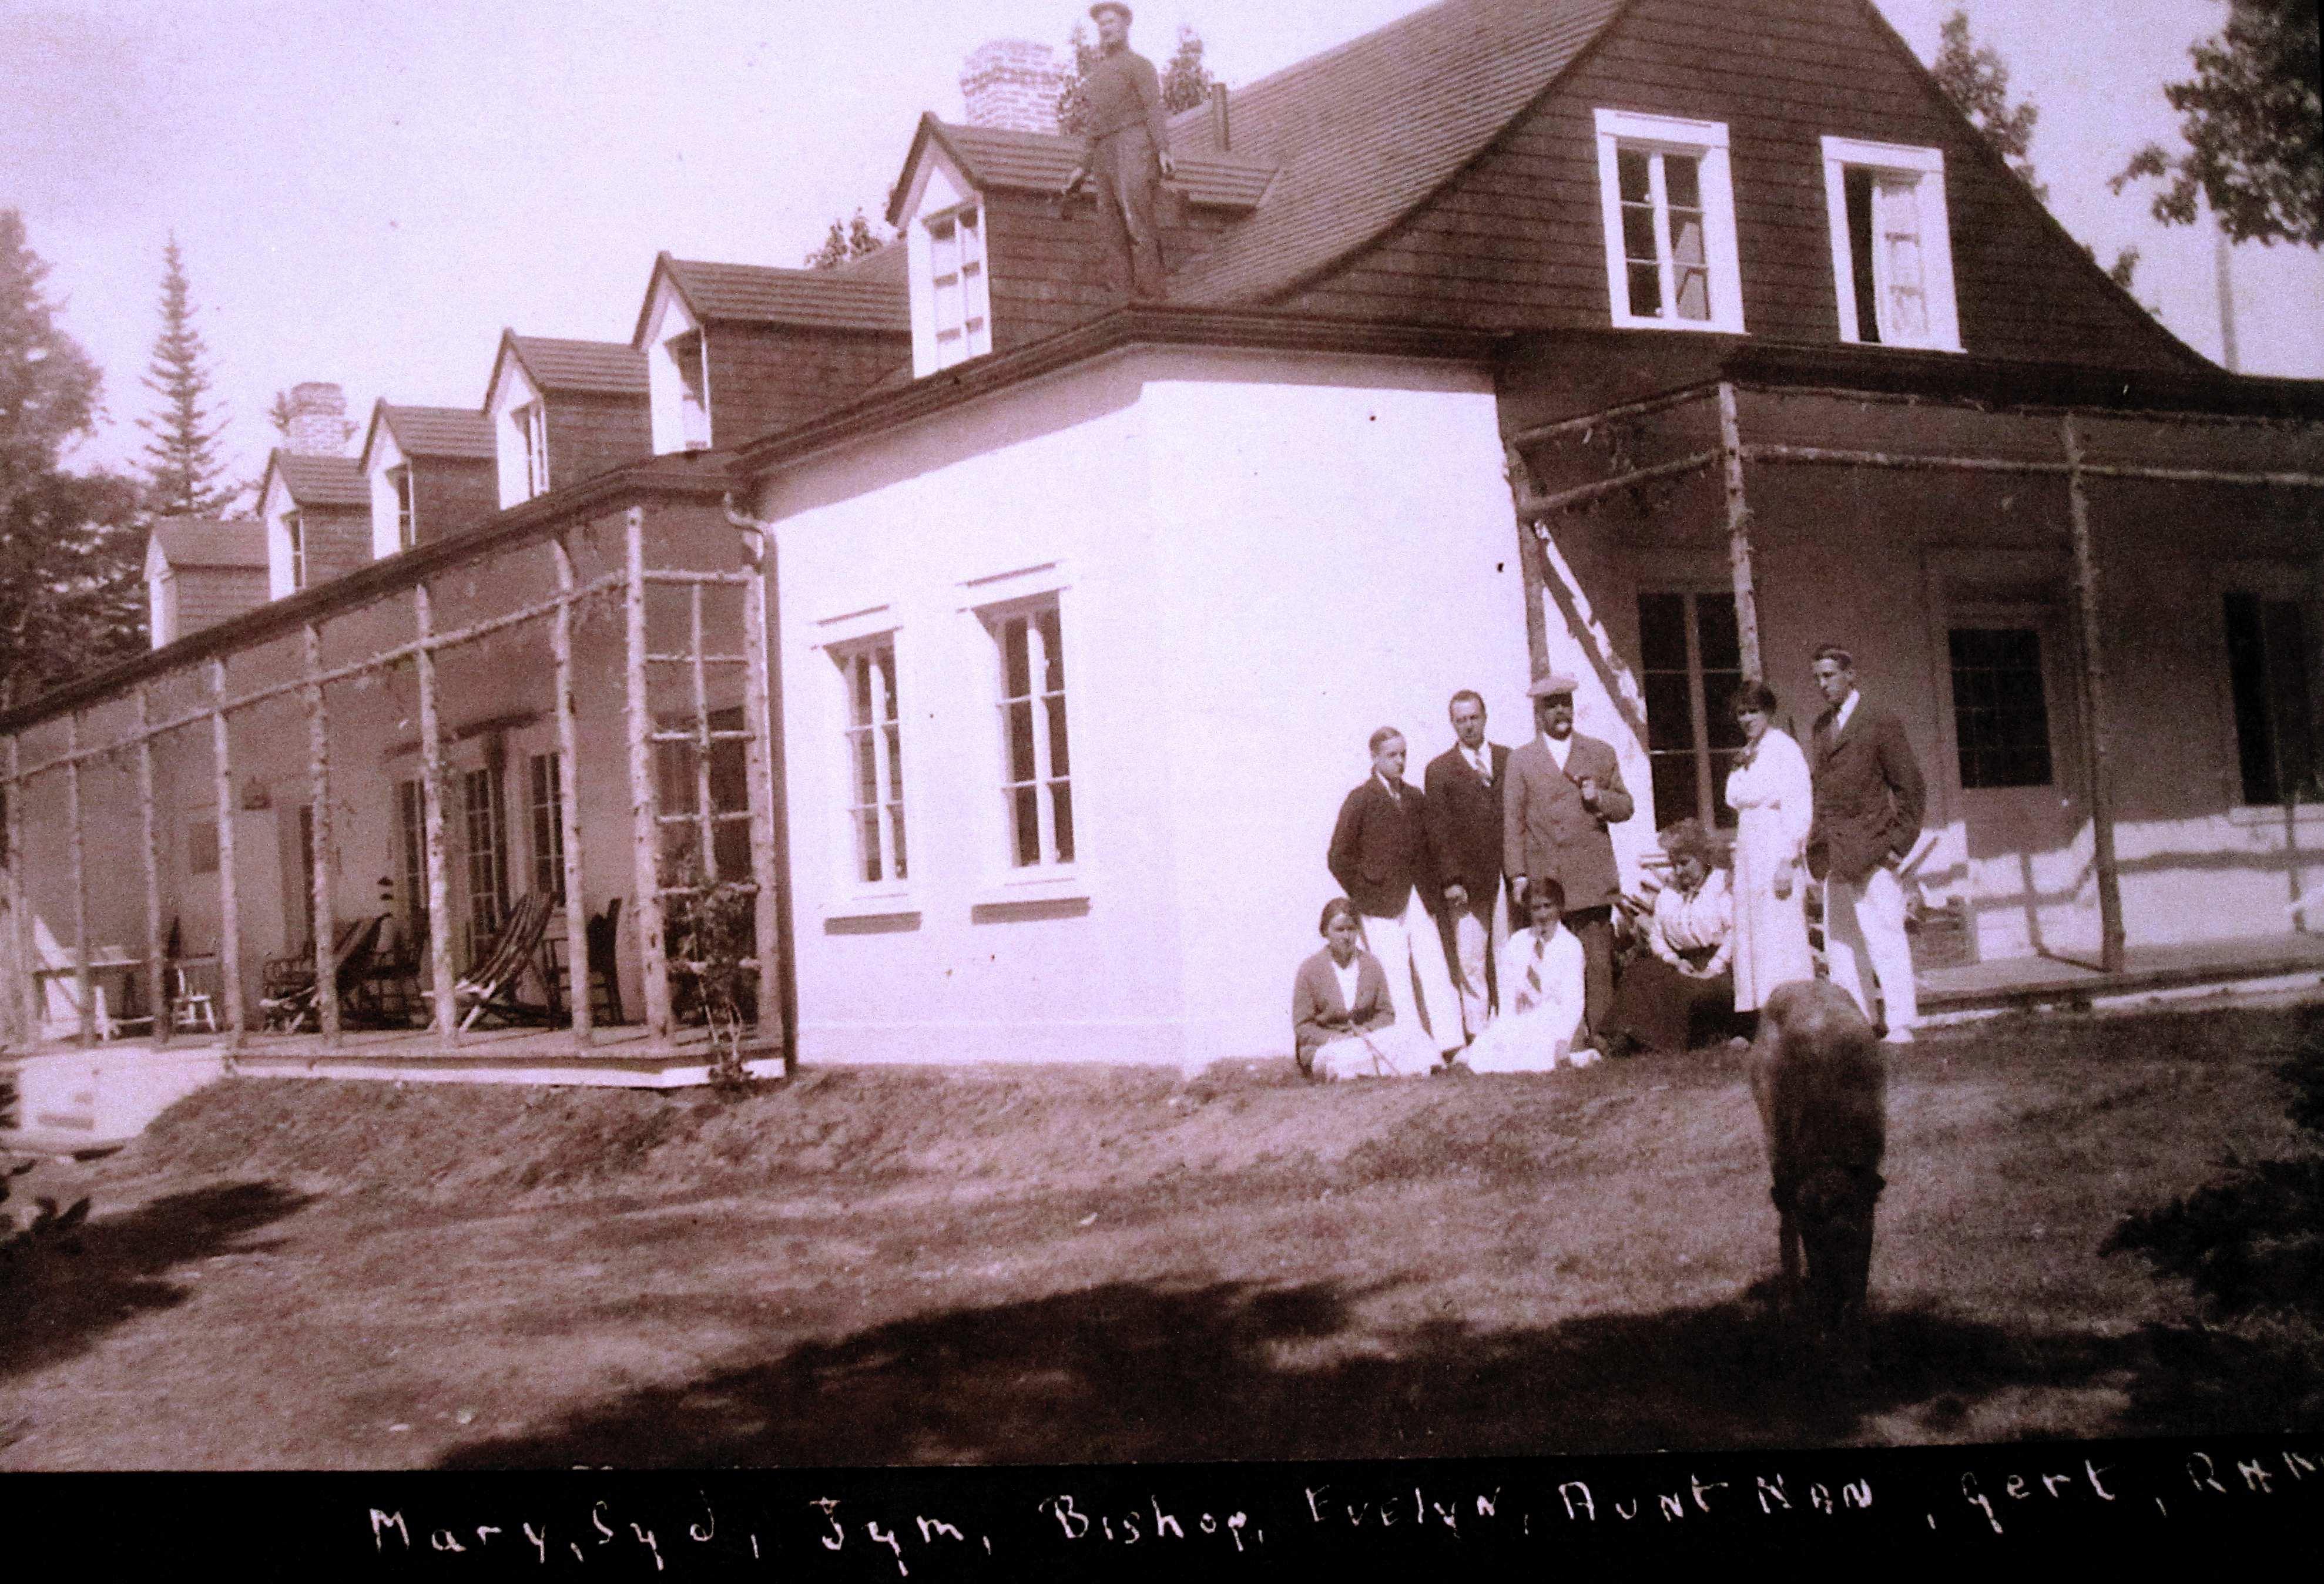 Quelques personnes posent devant une grande résidence d'été ; un ouvrier est debout sur le toit.